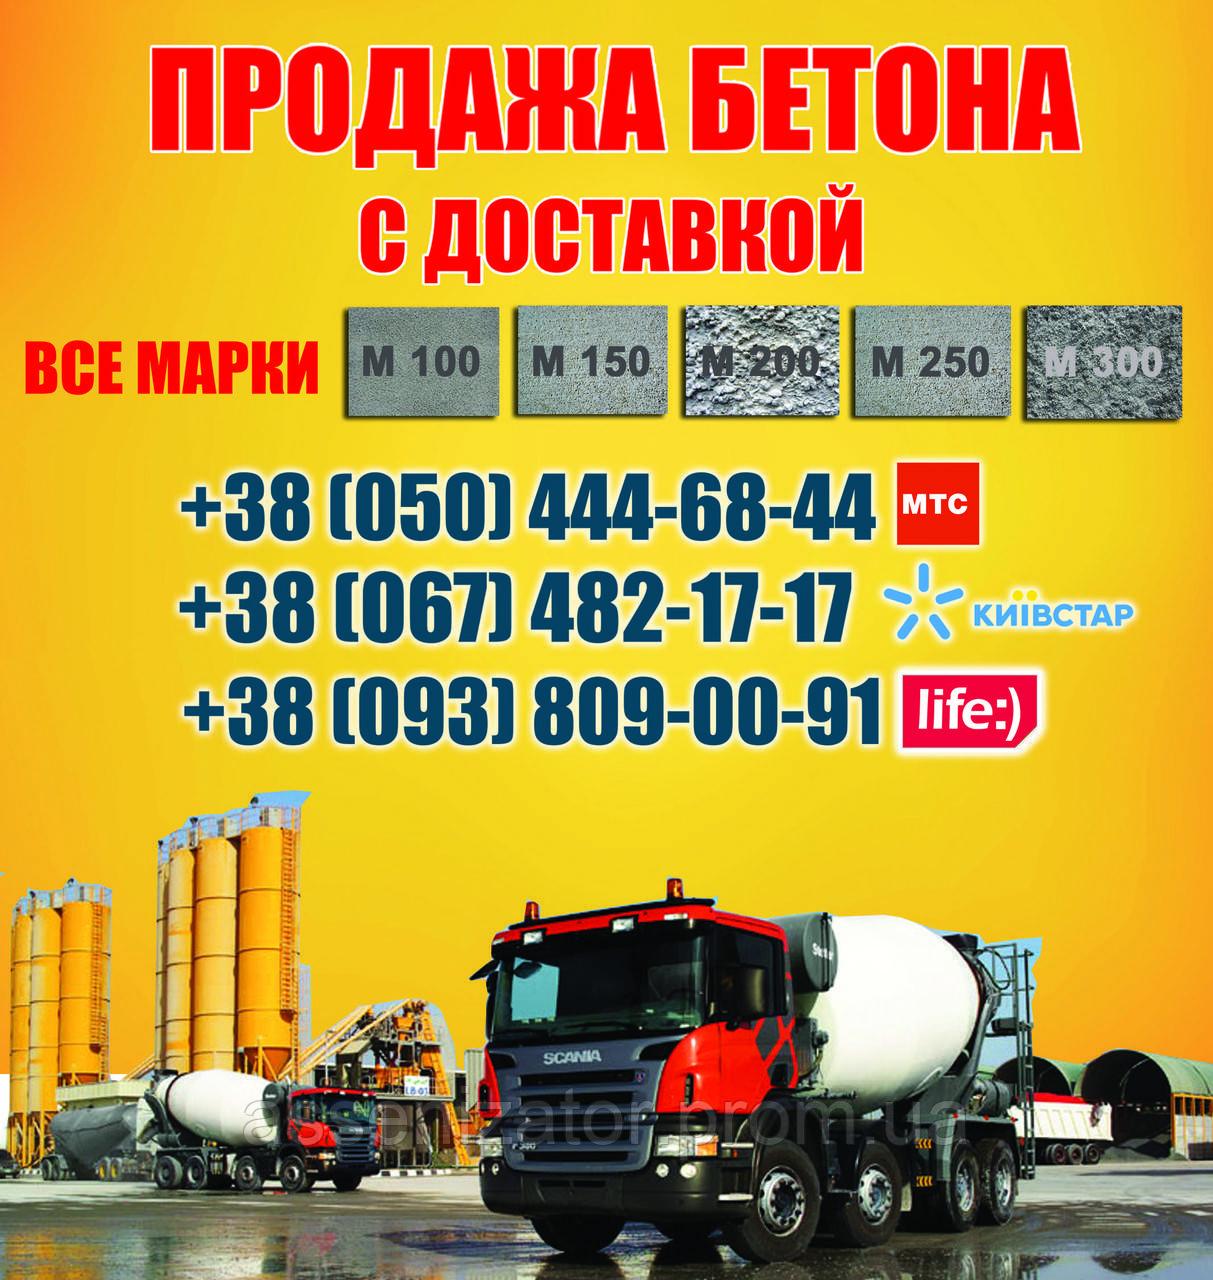 Купить бетон в луге с доставкой цена купить сетку для стяжки бетона